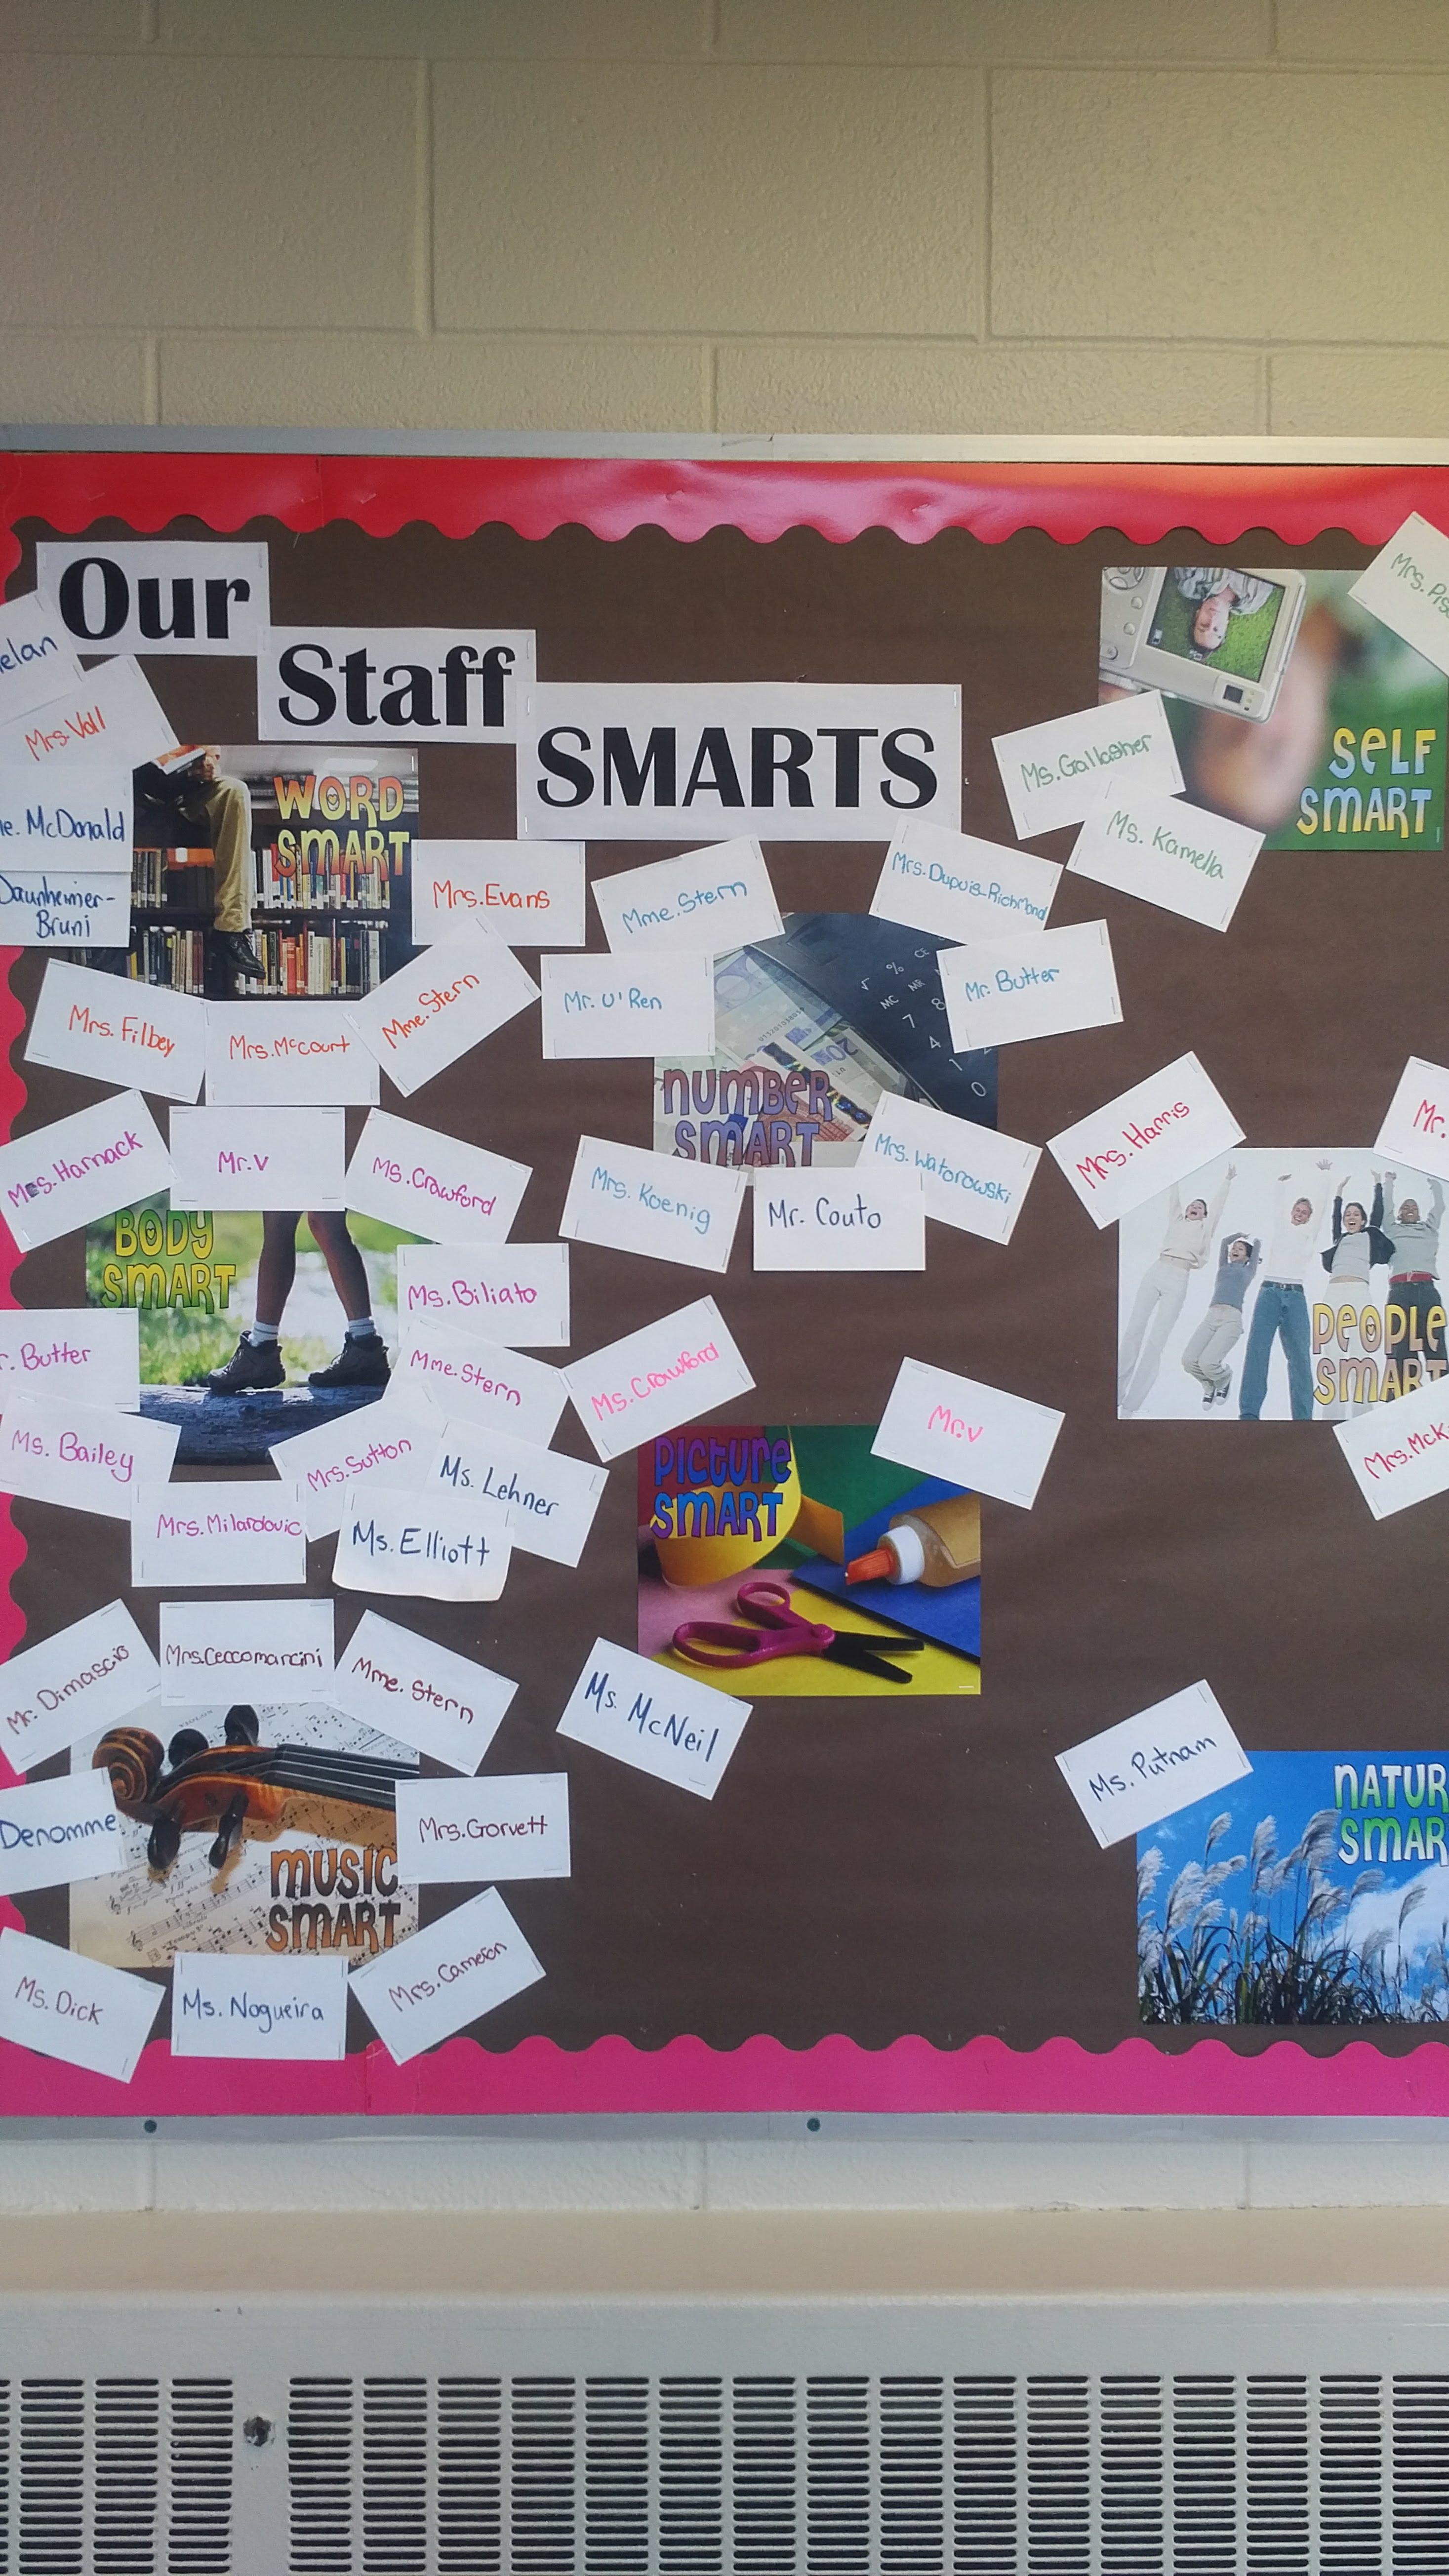 Staff Smarts